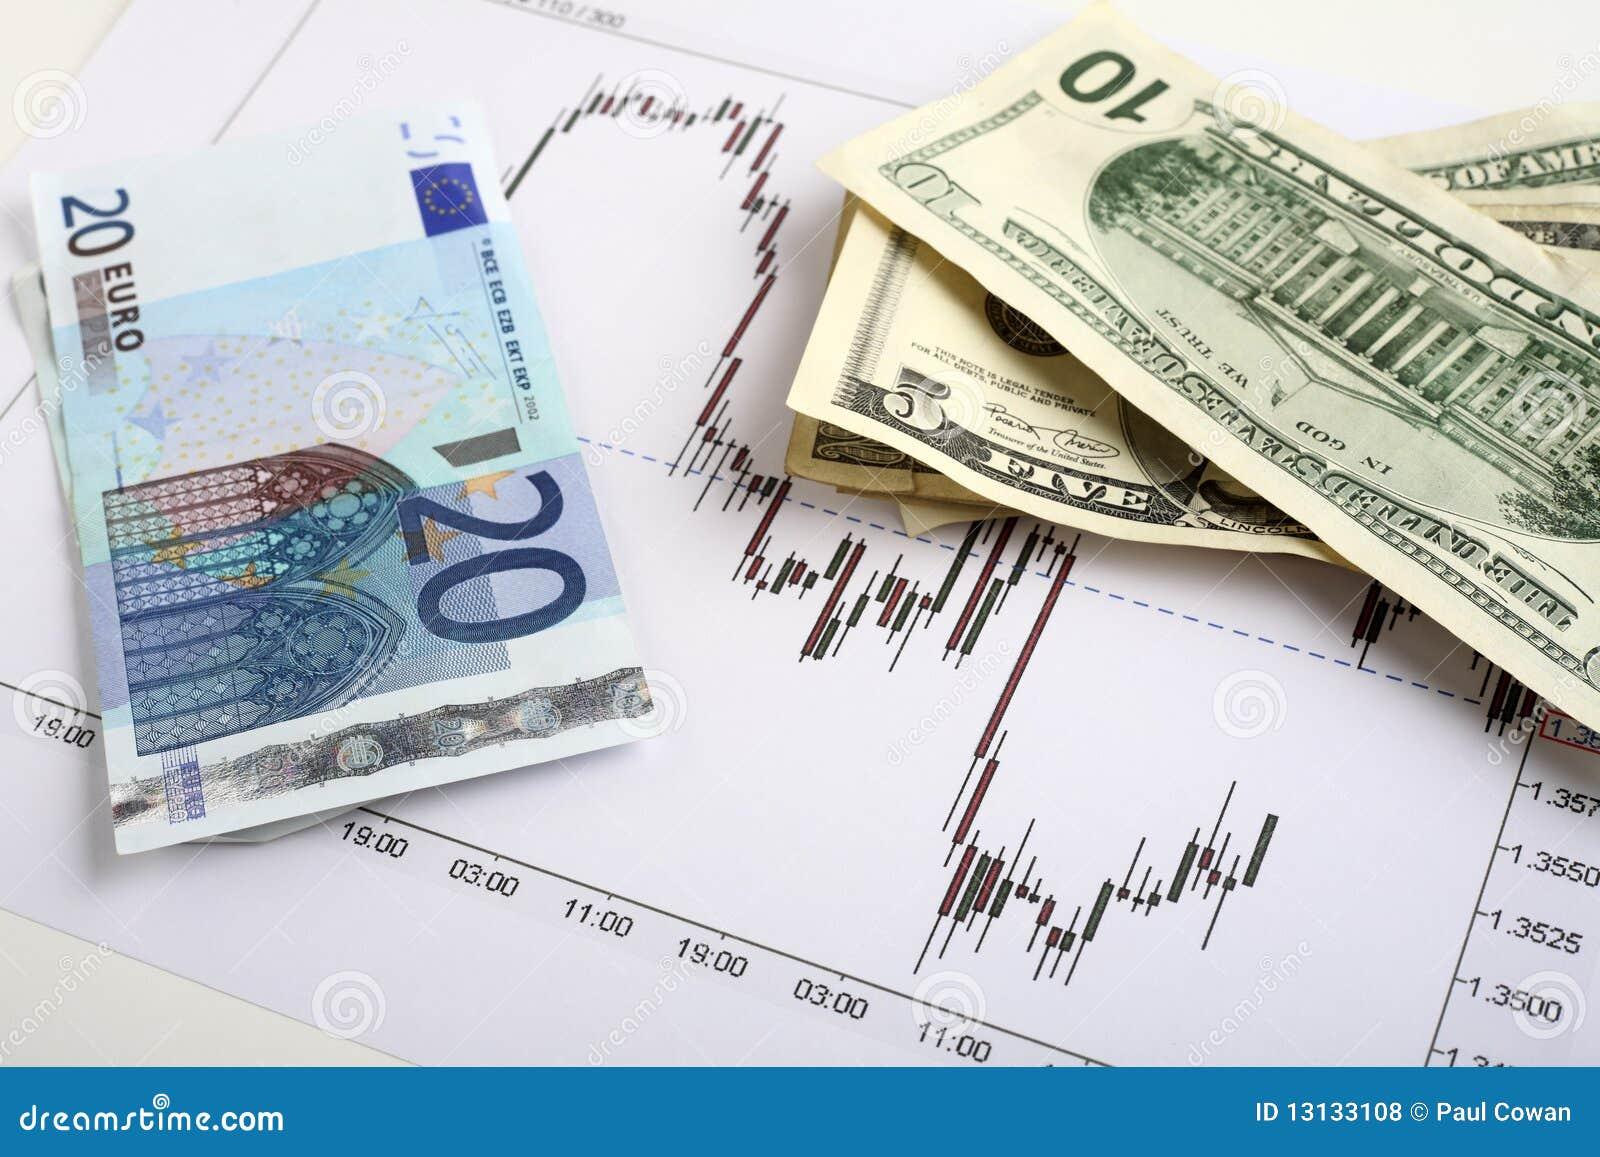 pirkt opcijas par pāris eiro iespēju stratēģija ilgtermiņa signāla tītara uzticama